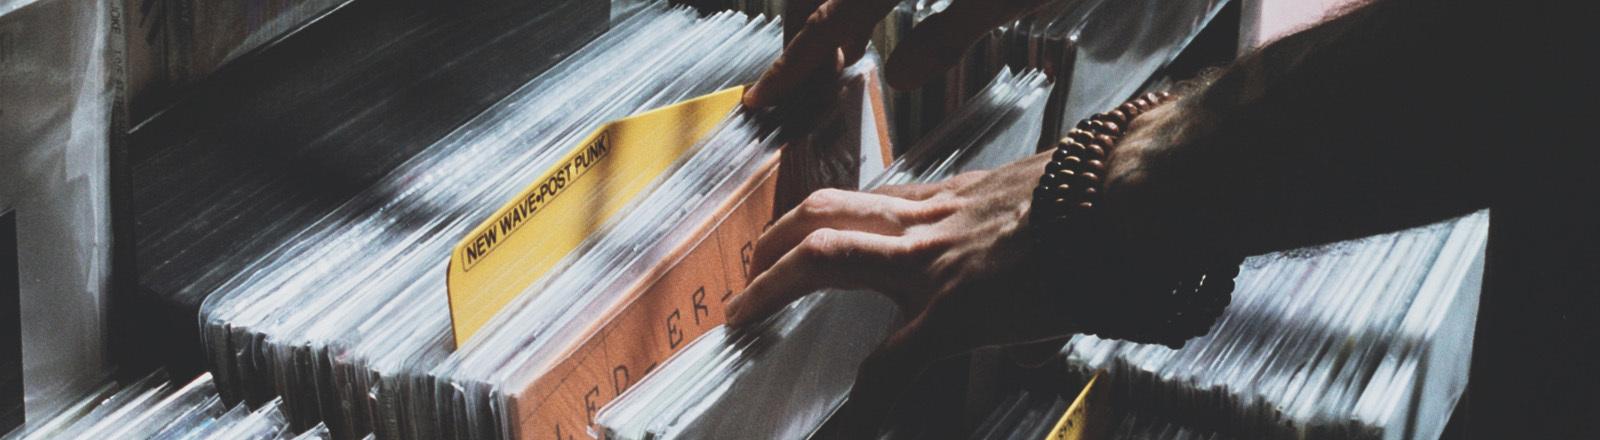 Eine Hand fährt durch eine Schallplattensammlung